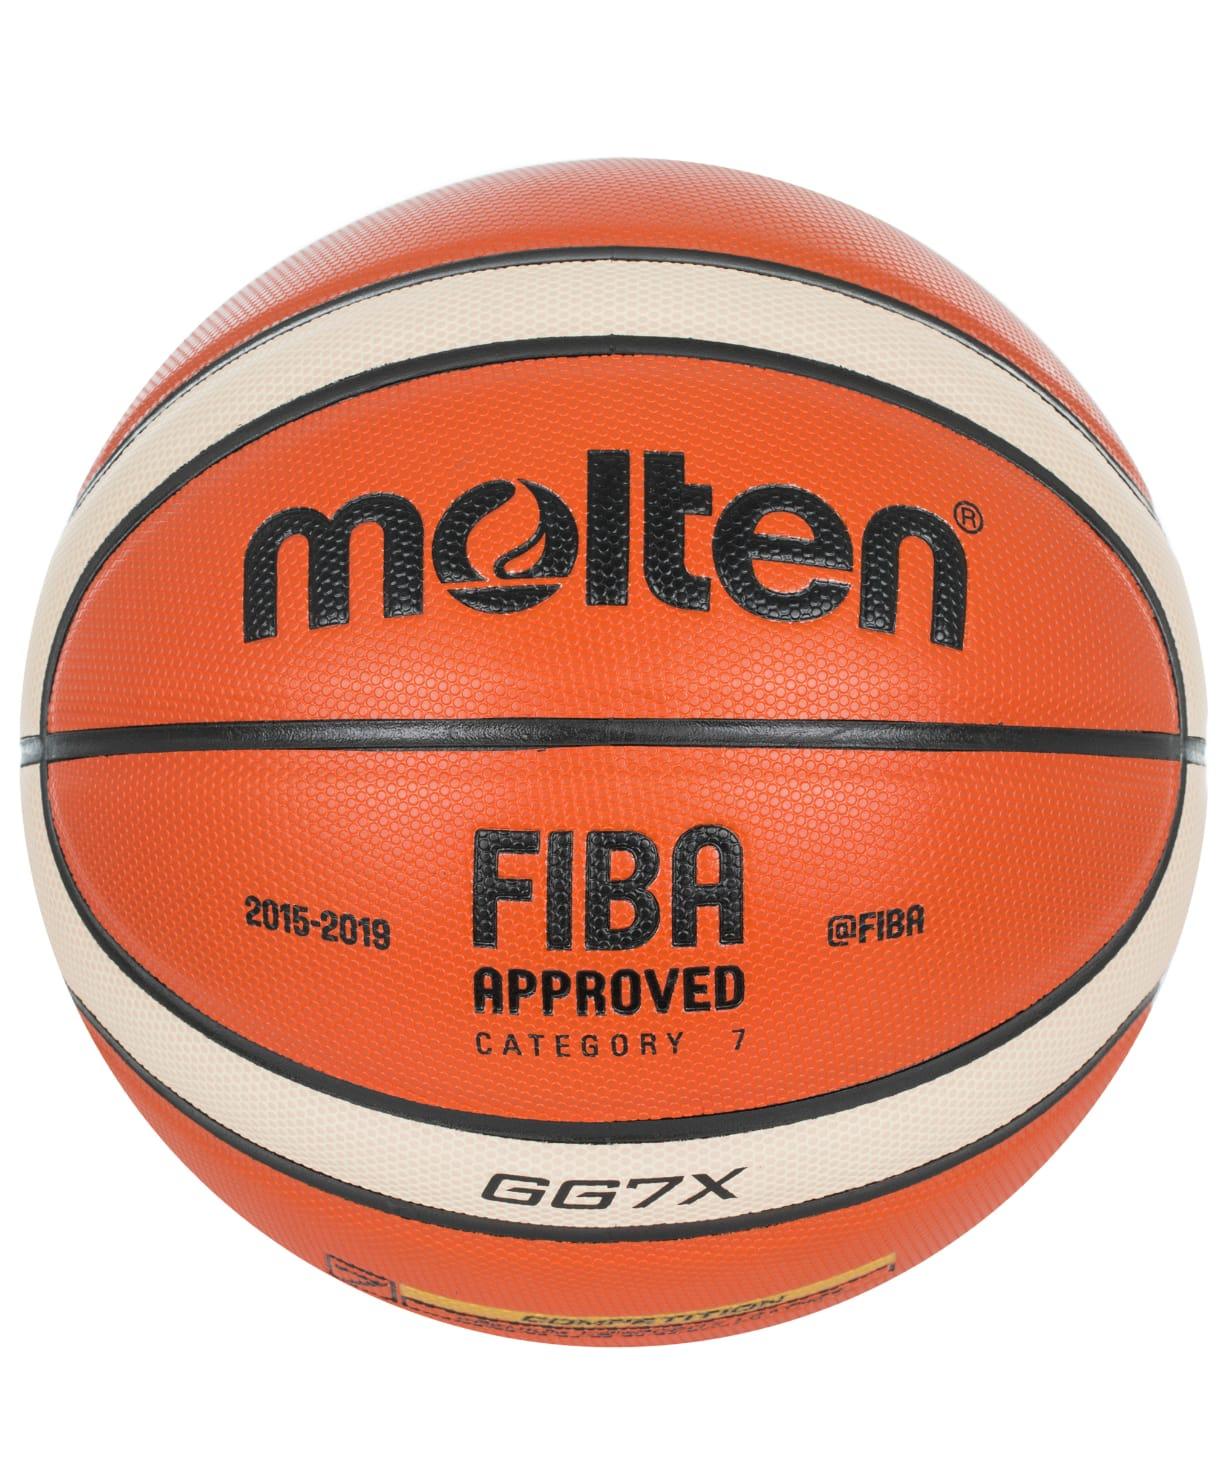 Мяч баскетбольный Molten BGG7X №7 FIBA Appr накладка на бампер для mazda cx 5 2017